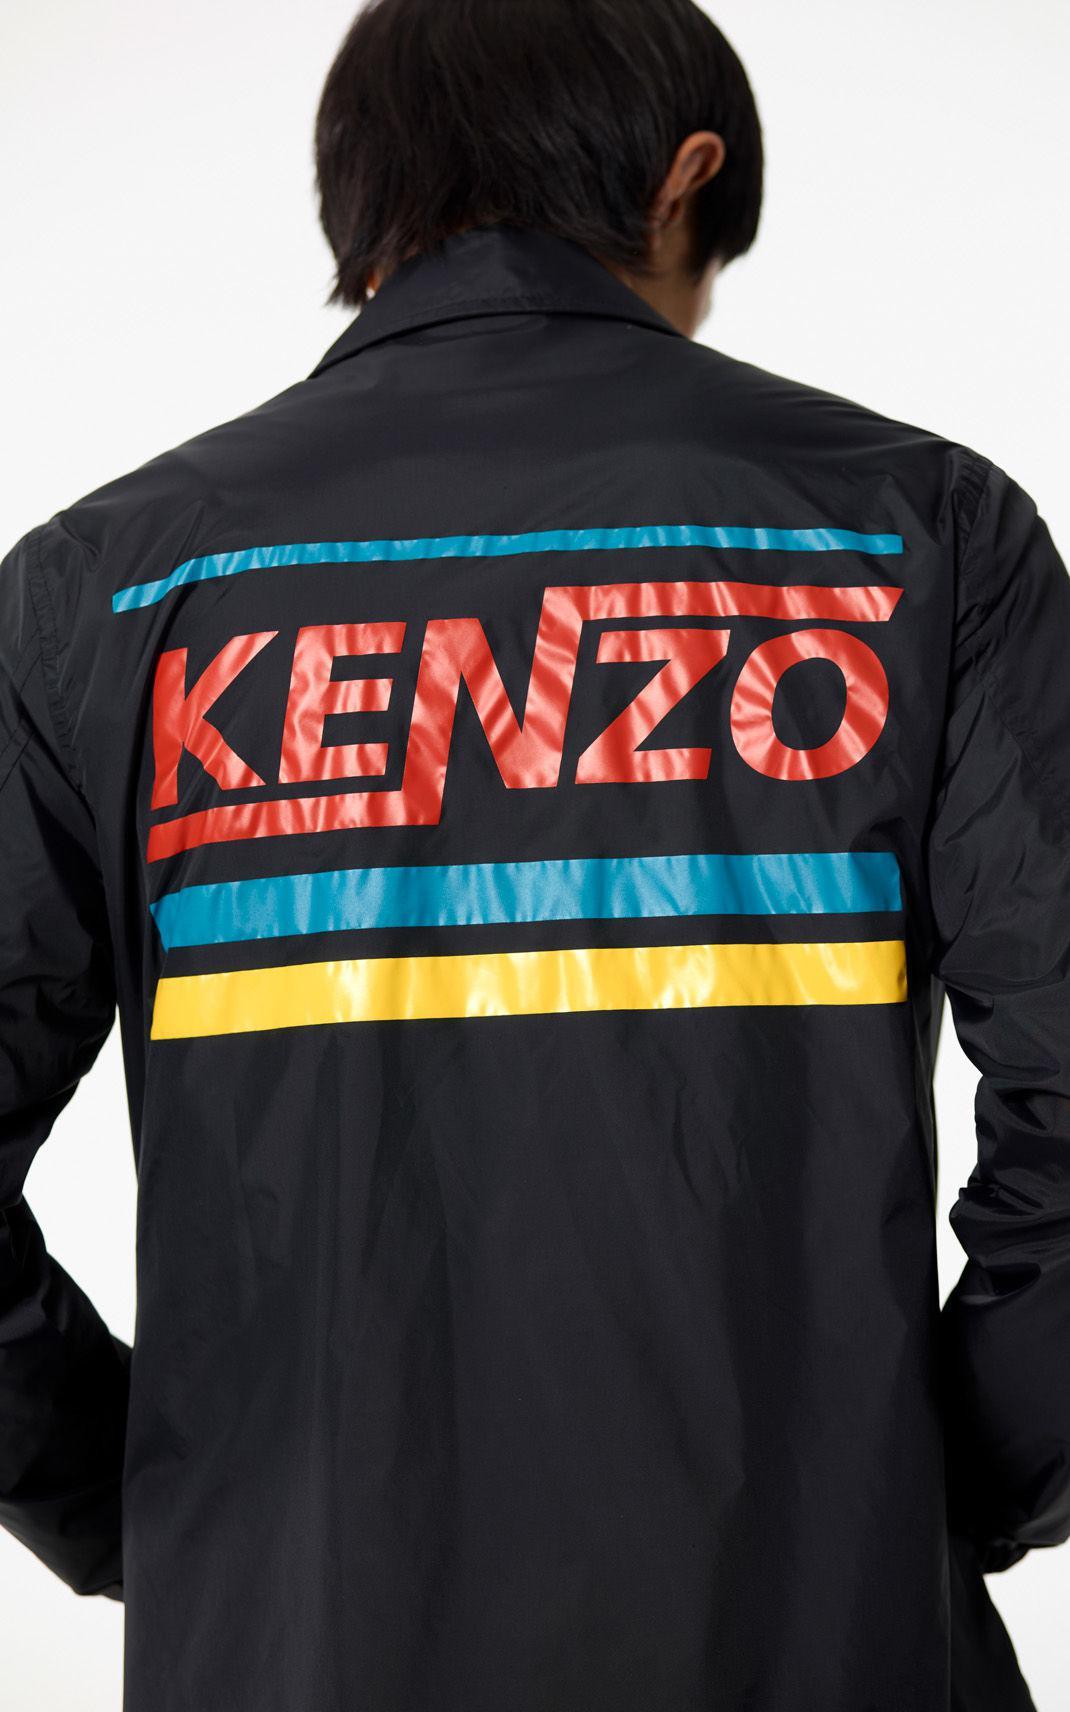 e604b86a Kenzo 'hyper ' Water-resistant Jacket in Black for Men - Lyst